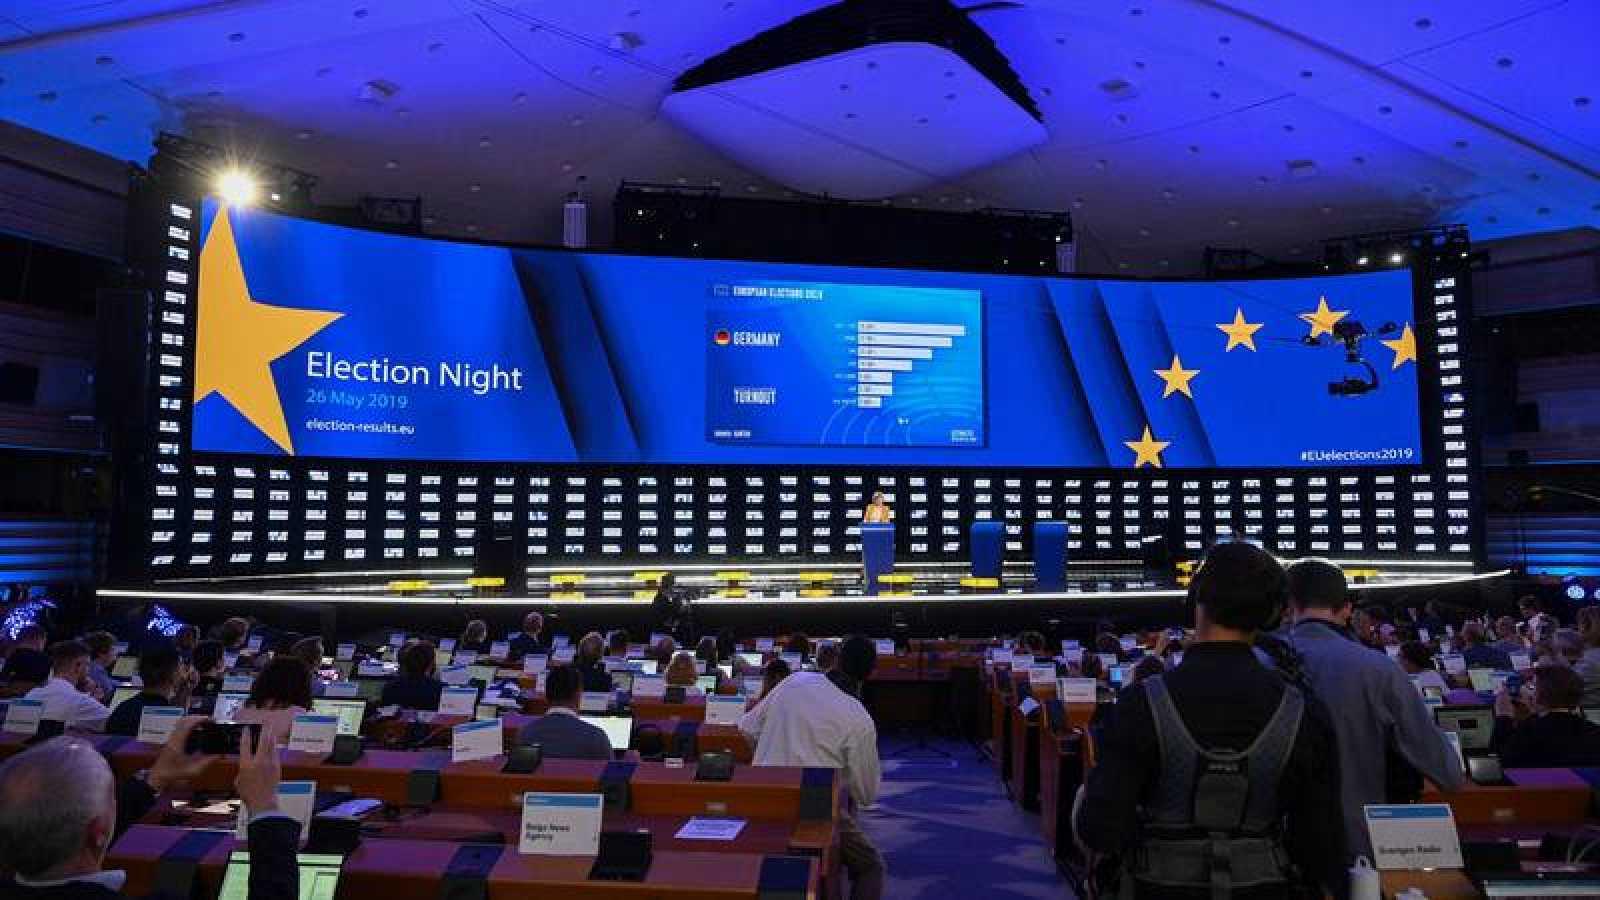 Noche electoral en el Parlamento Europeo